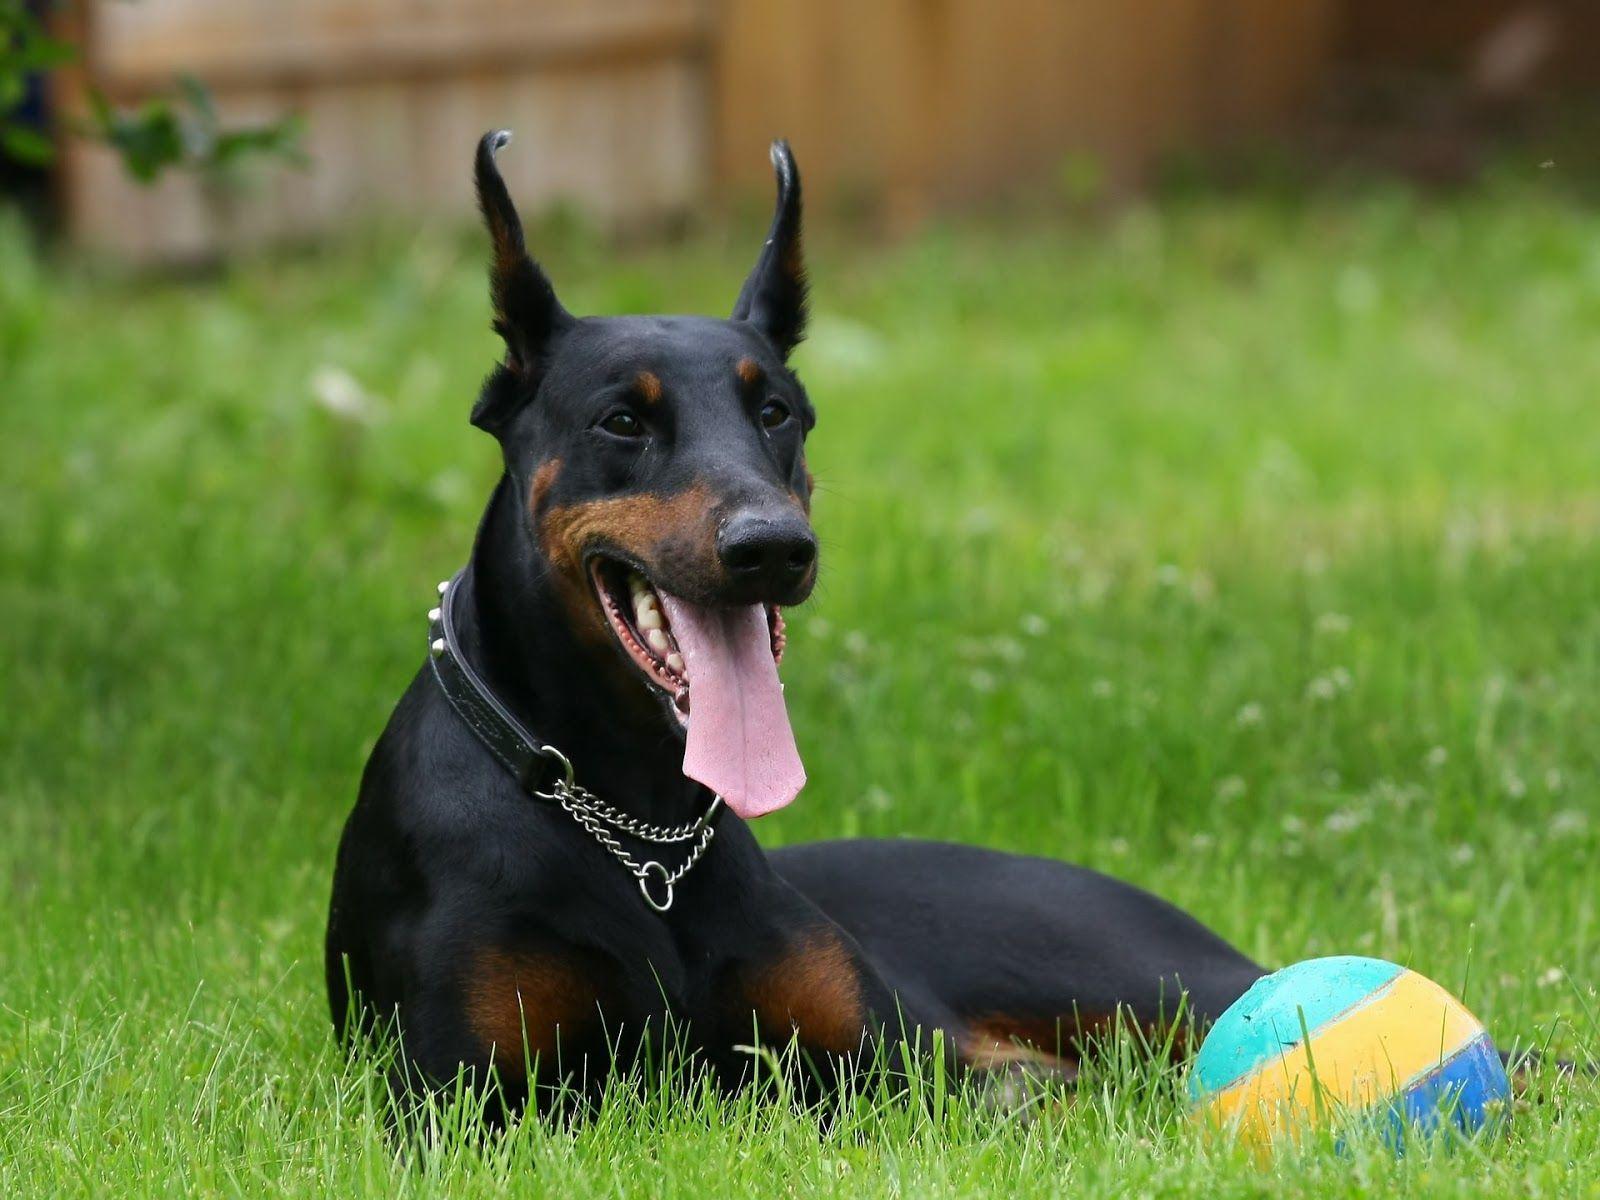 Anjing Doberman Pinscher With Images Doberman Pinscher Puppy